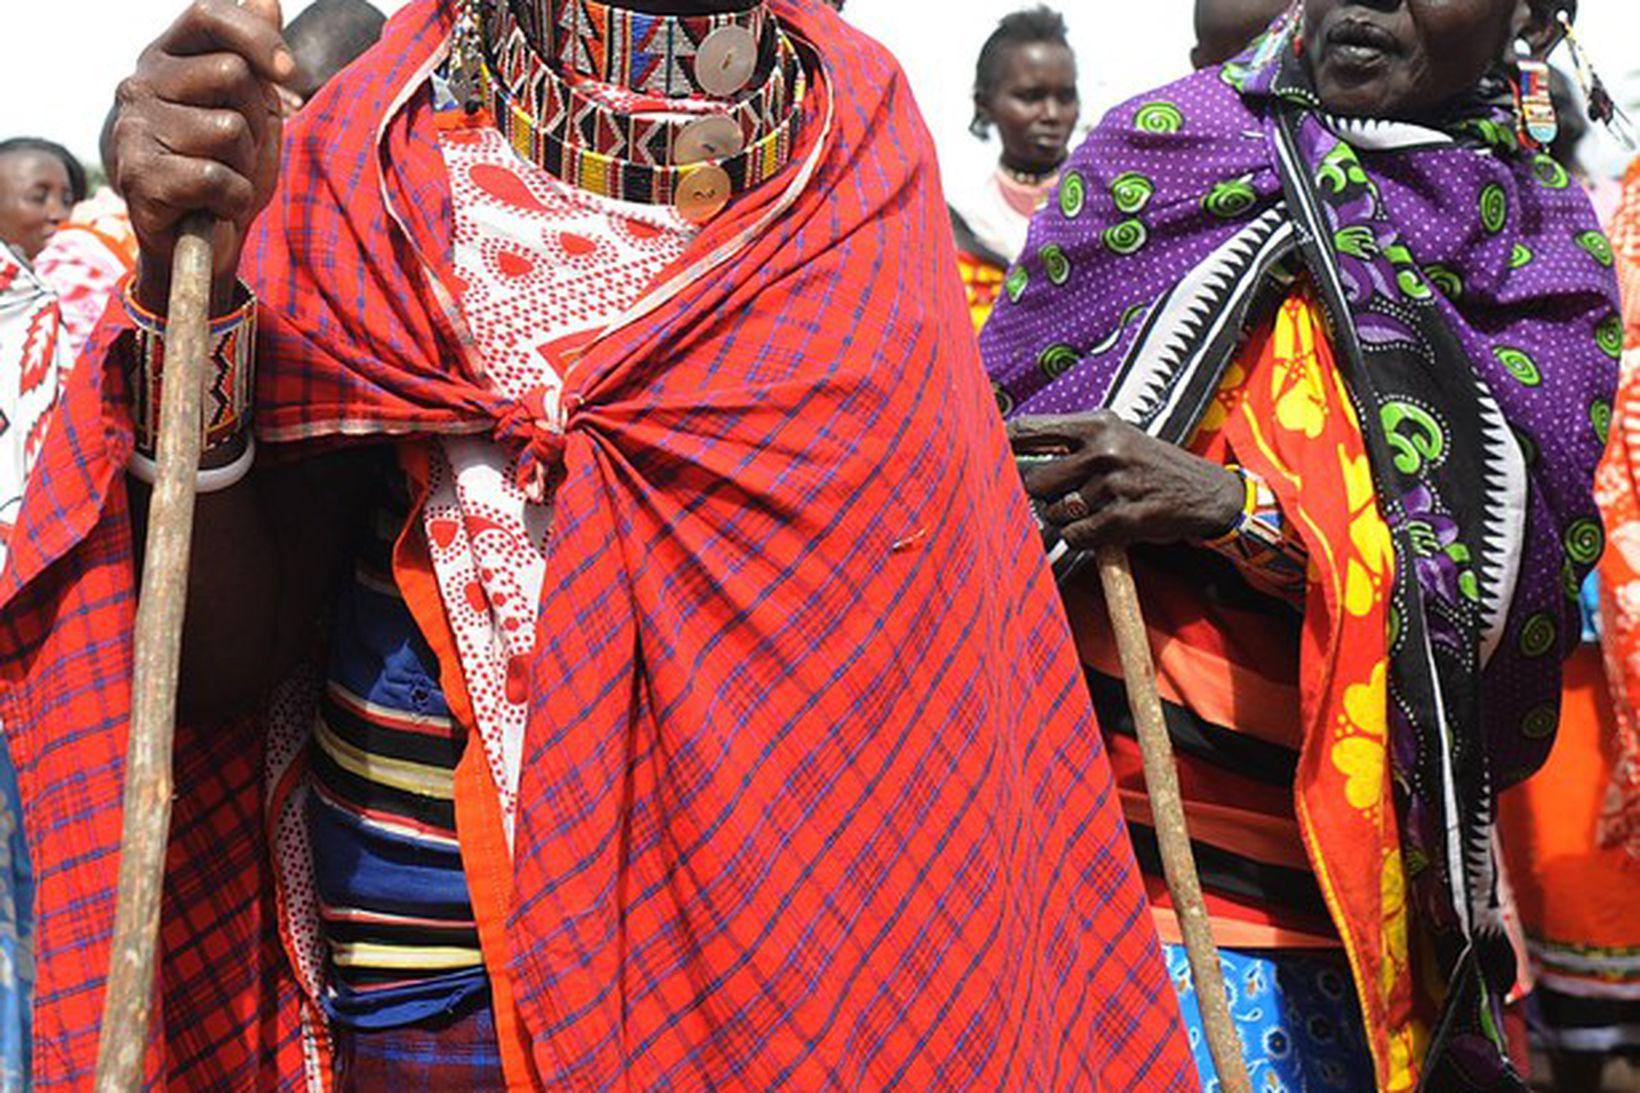 Frá fjöldafundi Maasai-kvenna í Enkorika, Kajiado, í Kenýa um kynfæralimlestingar. …